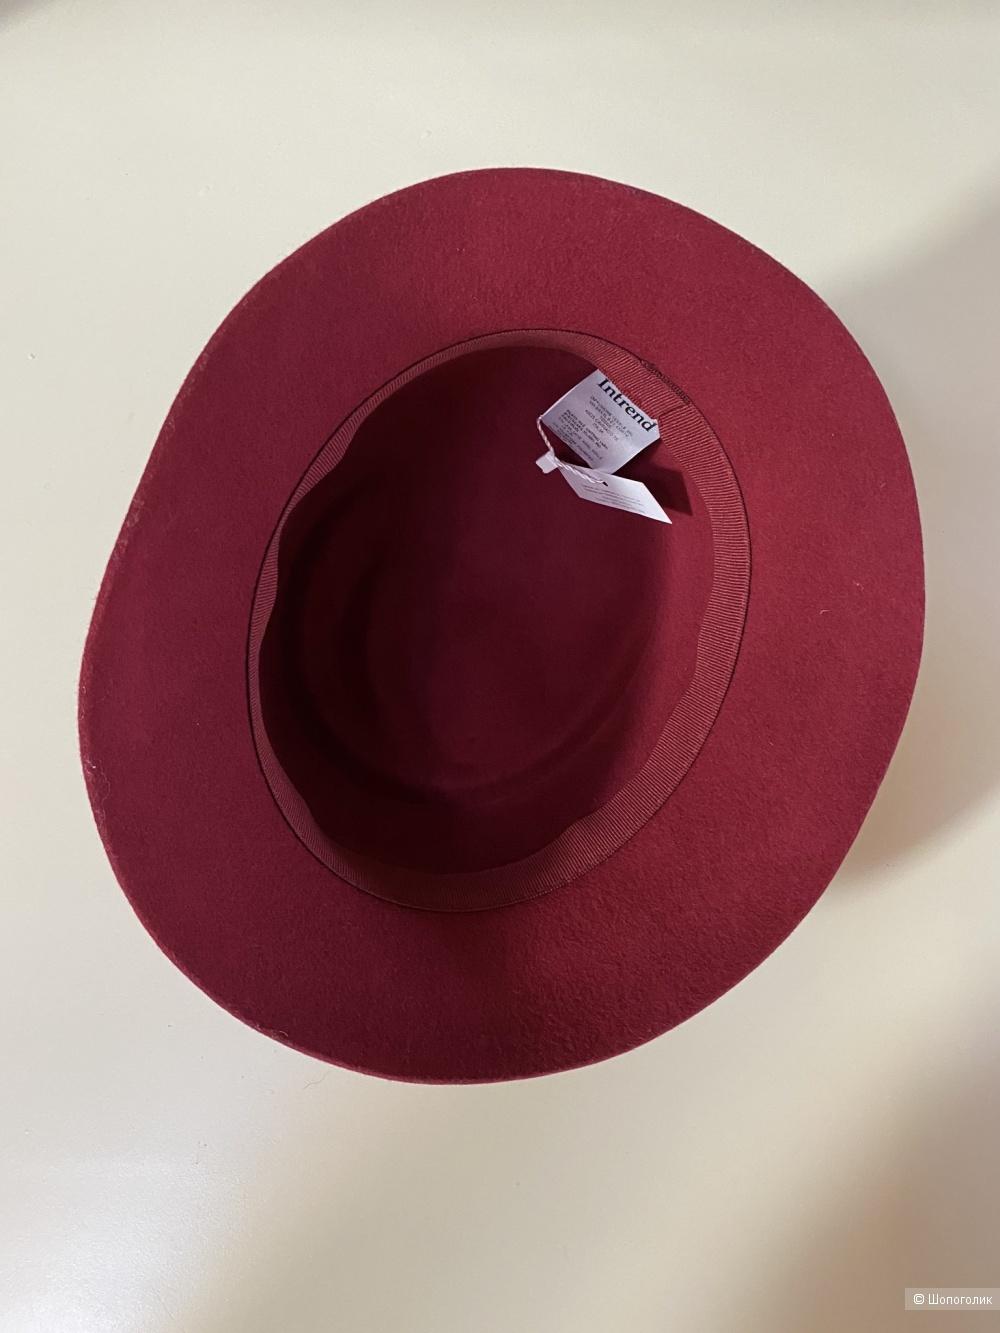 Шляпка Intrend Max Mara 56-57 см.